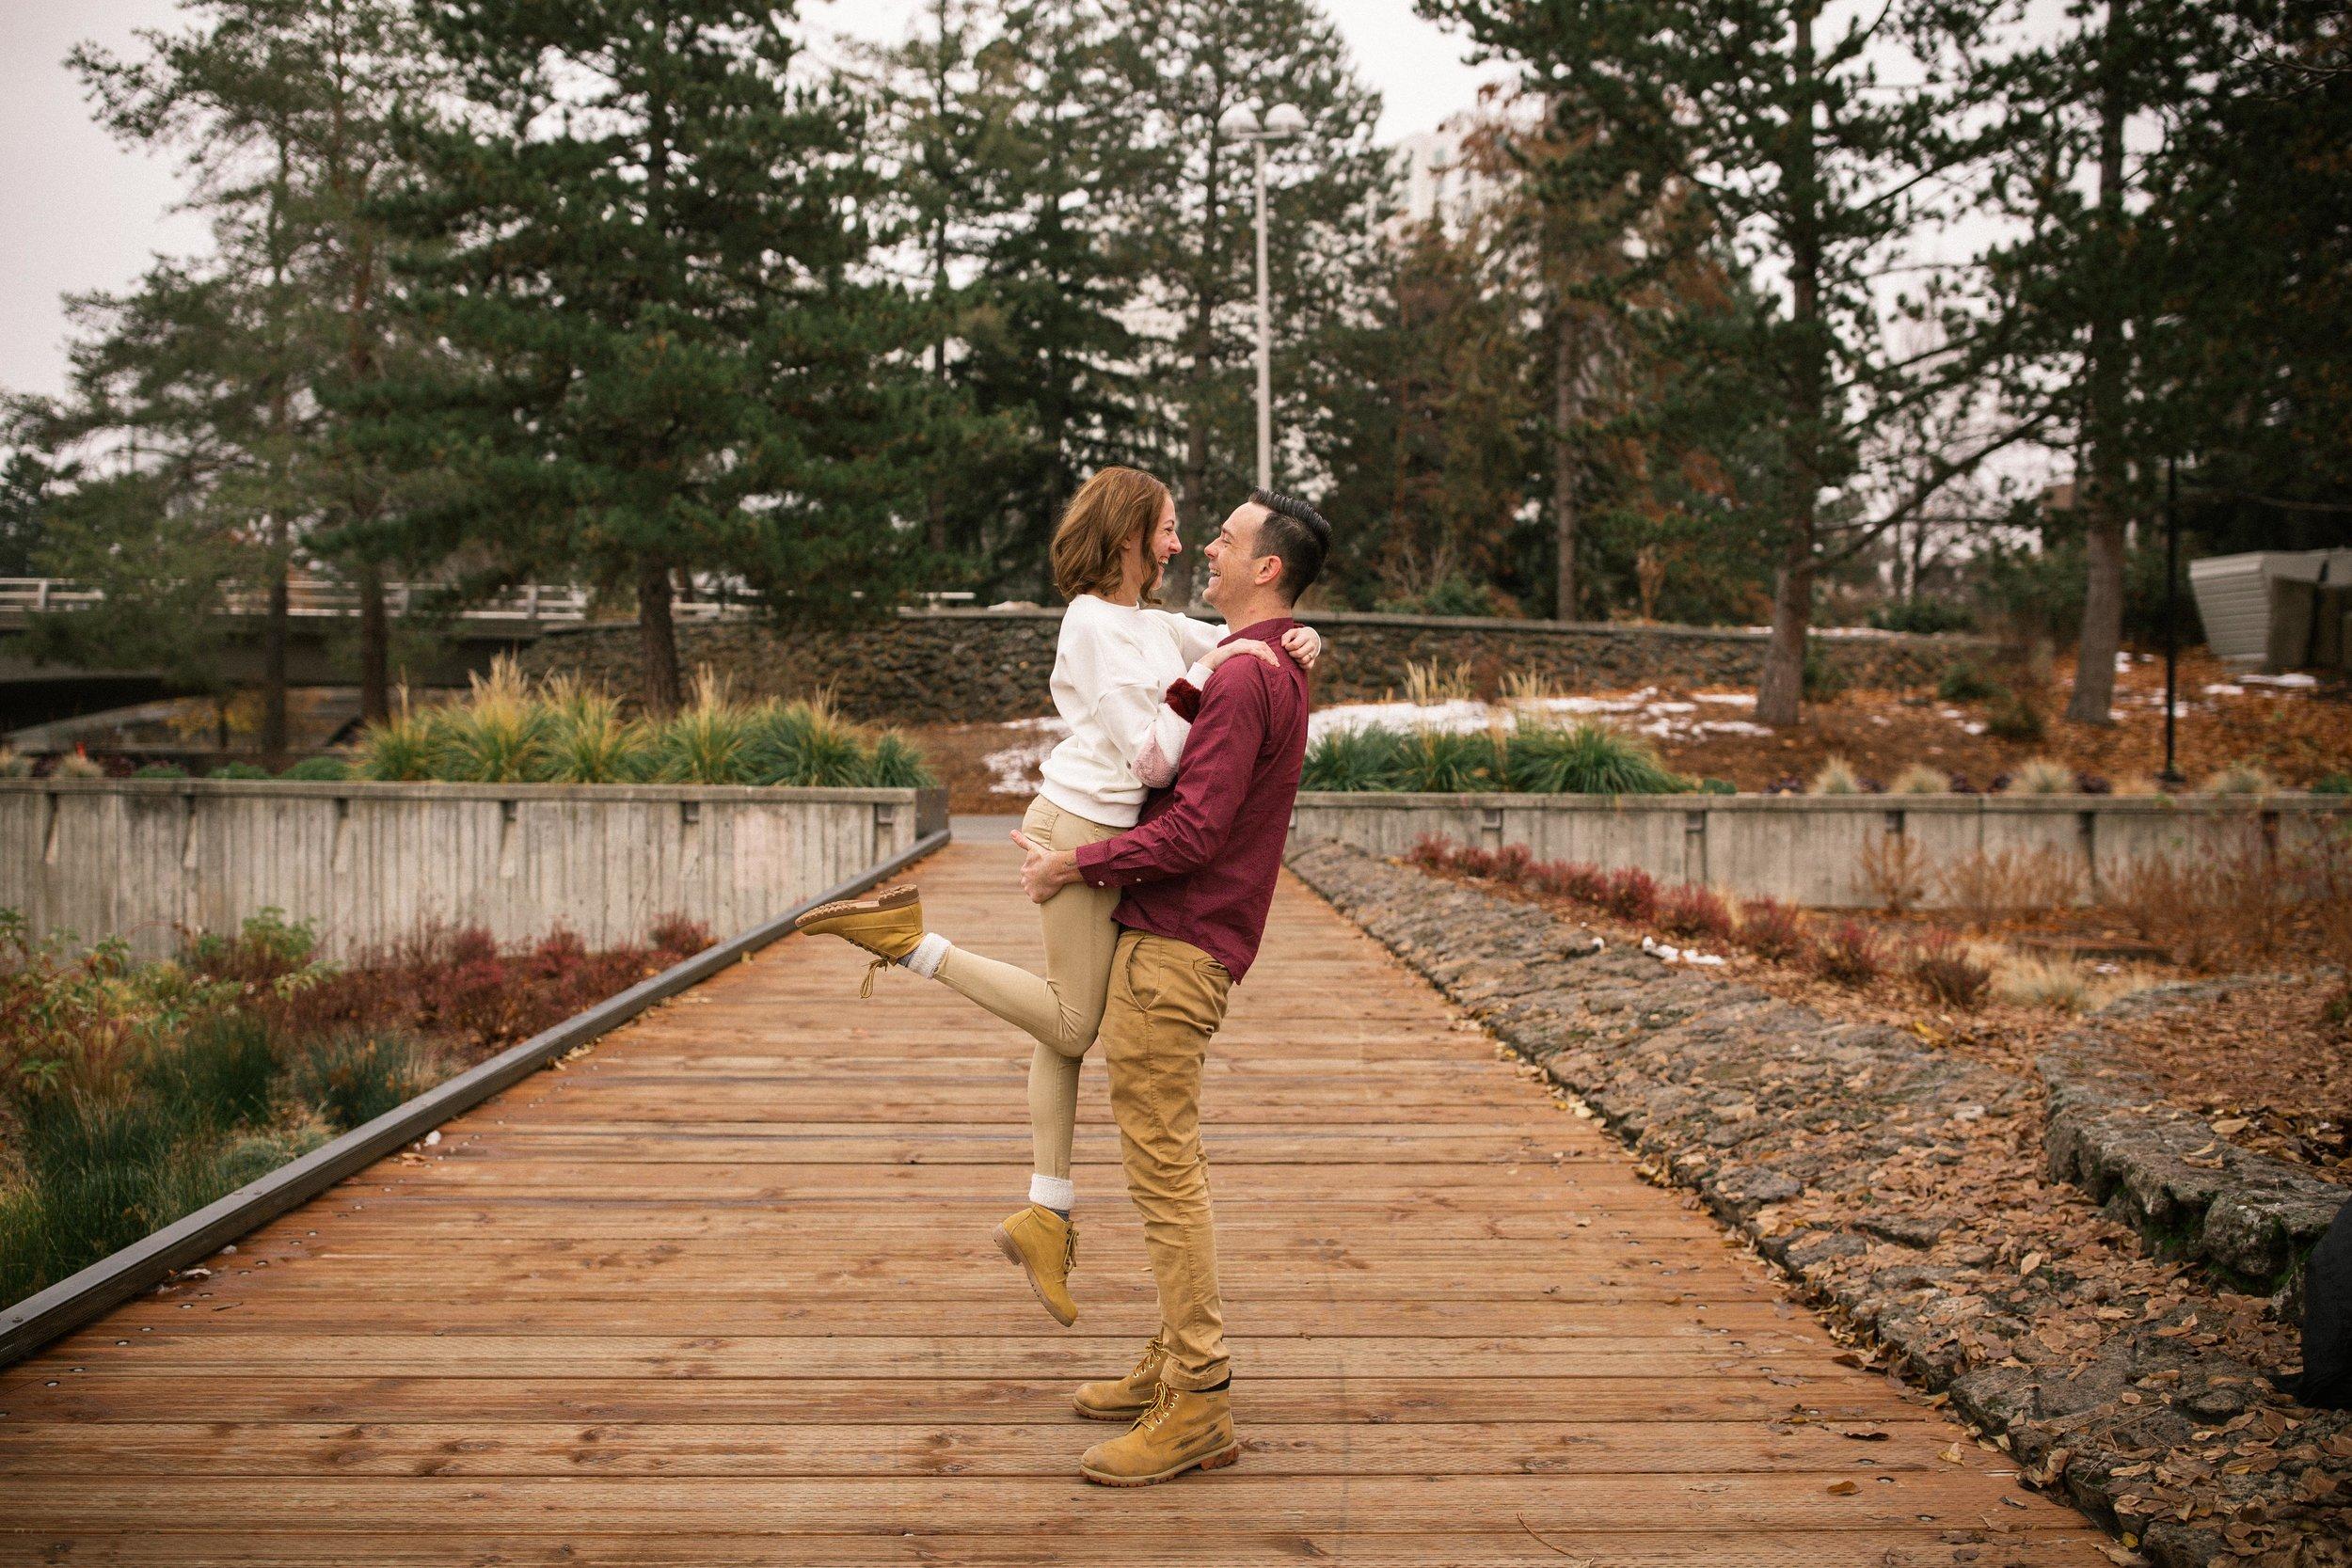 Izzy&Jacob-Engaged!BLOG-25.jpg